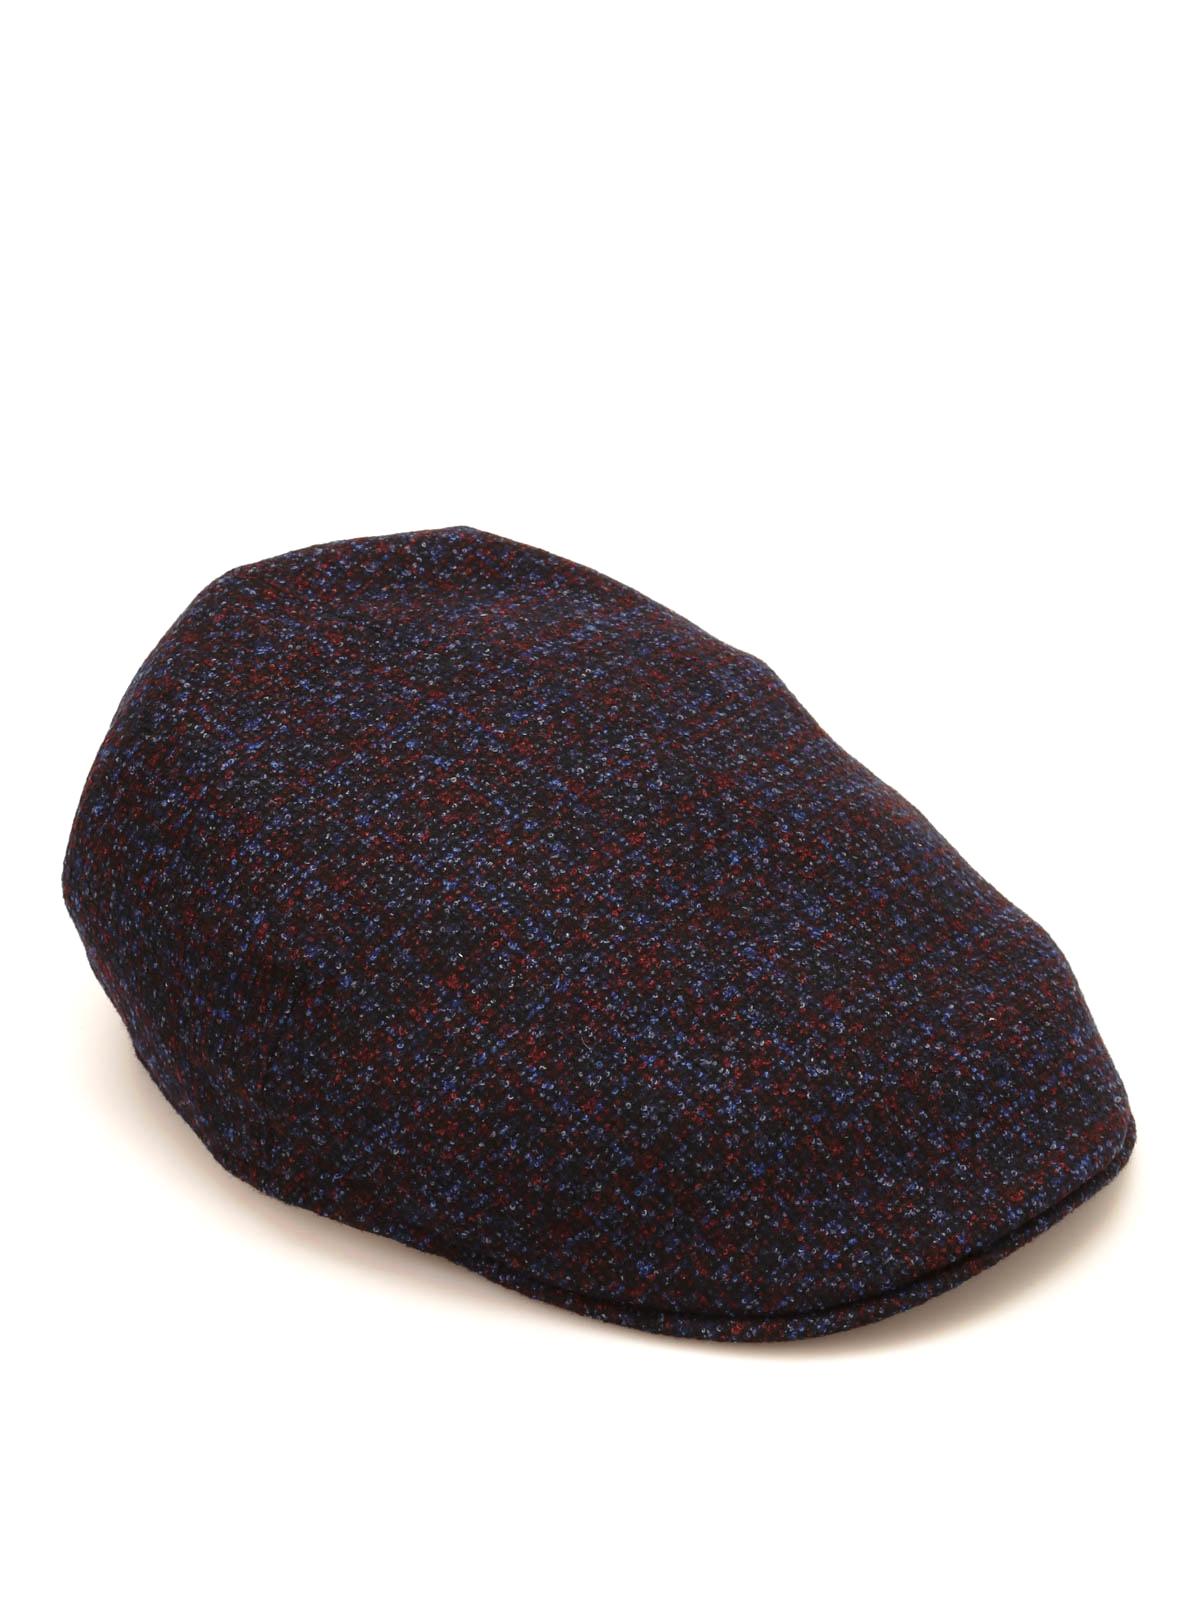 Borsalino - Berretto in lana seta e cashmere - cappelli - B12182 ... 9d1a32c5bfed